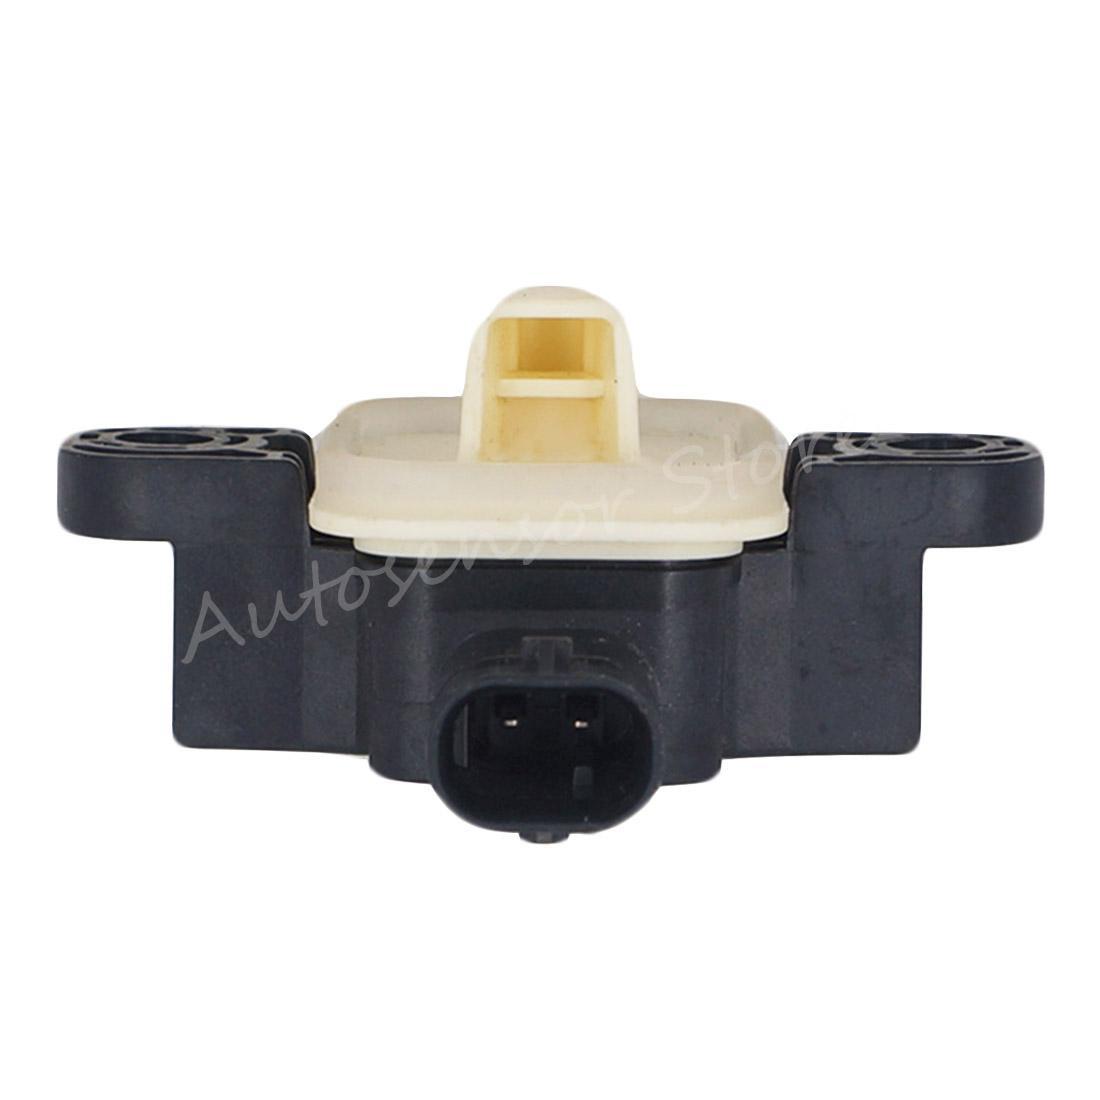 Capteur de collision airbag 56054084AA de haute qualité A1668210351 compatible avec Mercedes-Benz